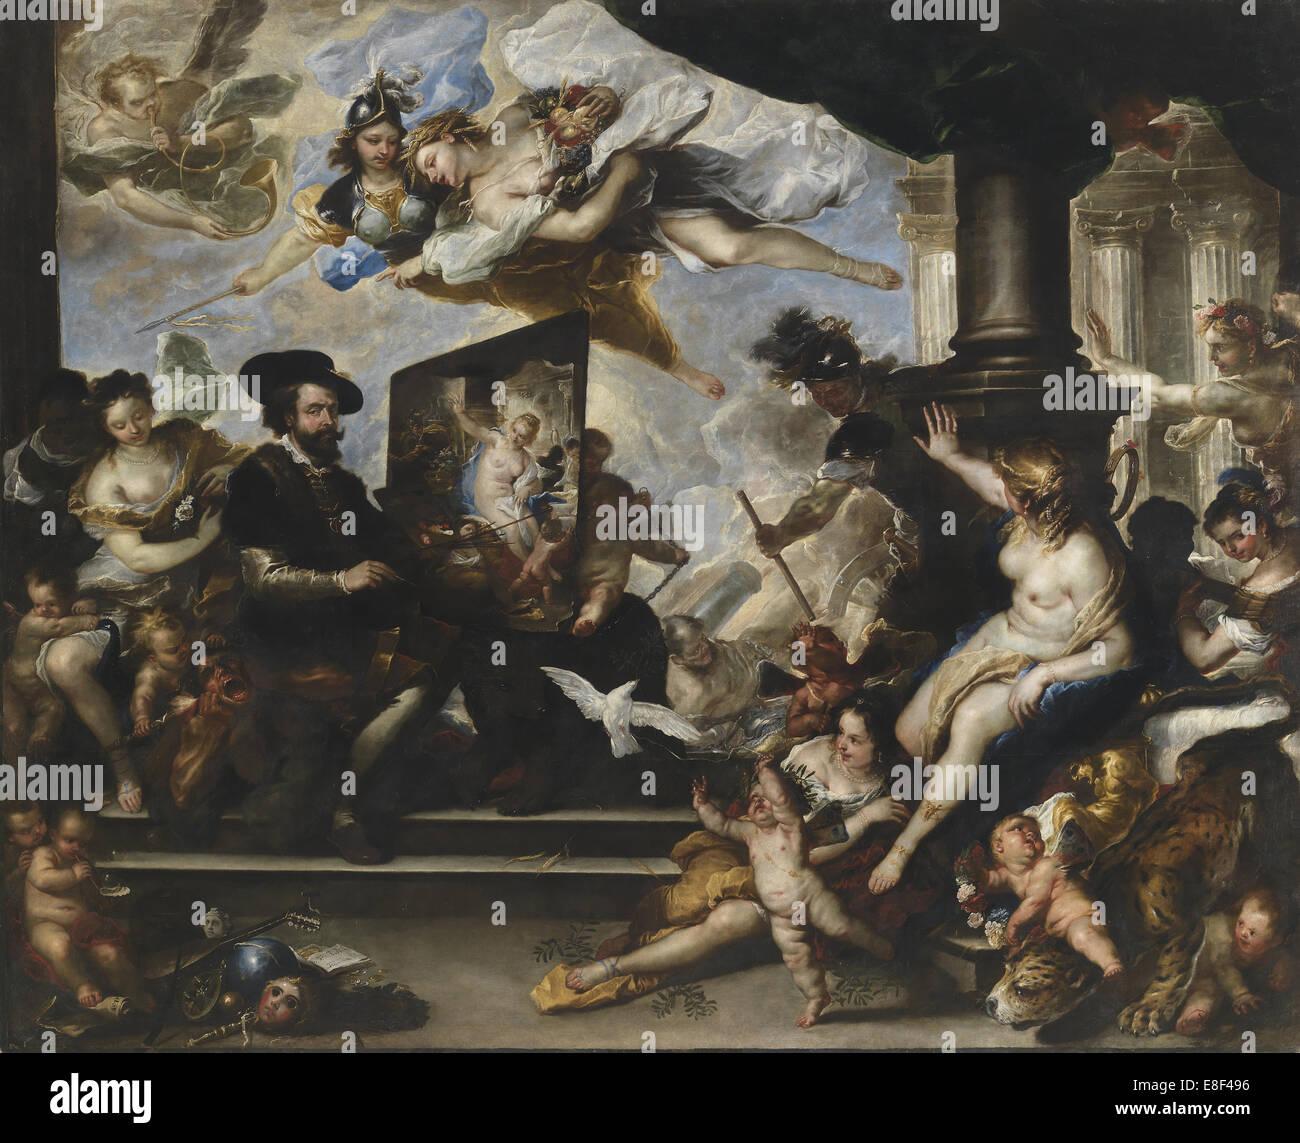 Rubens Gemälde die Allegorie des Friedens. Künstler: Giordano, Luca (1632-1705) Stockbild